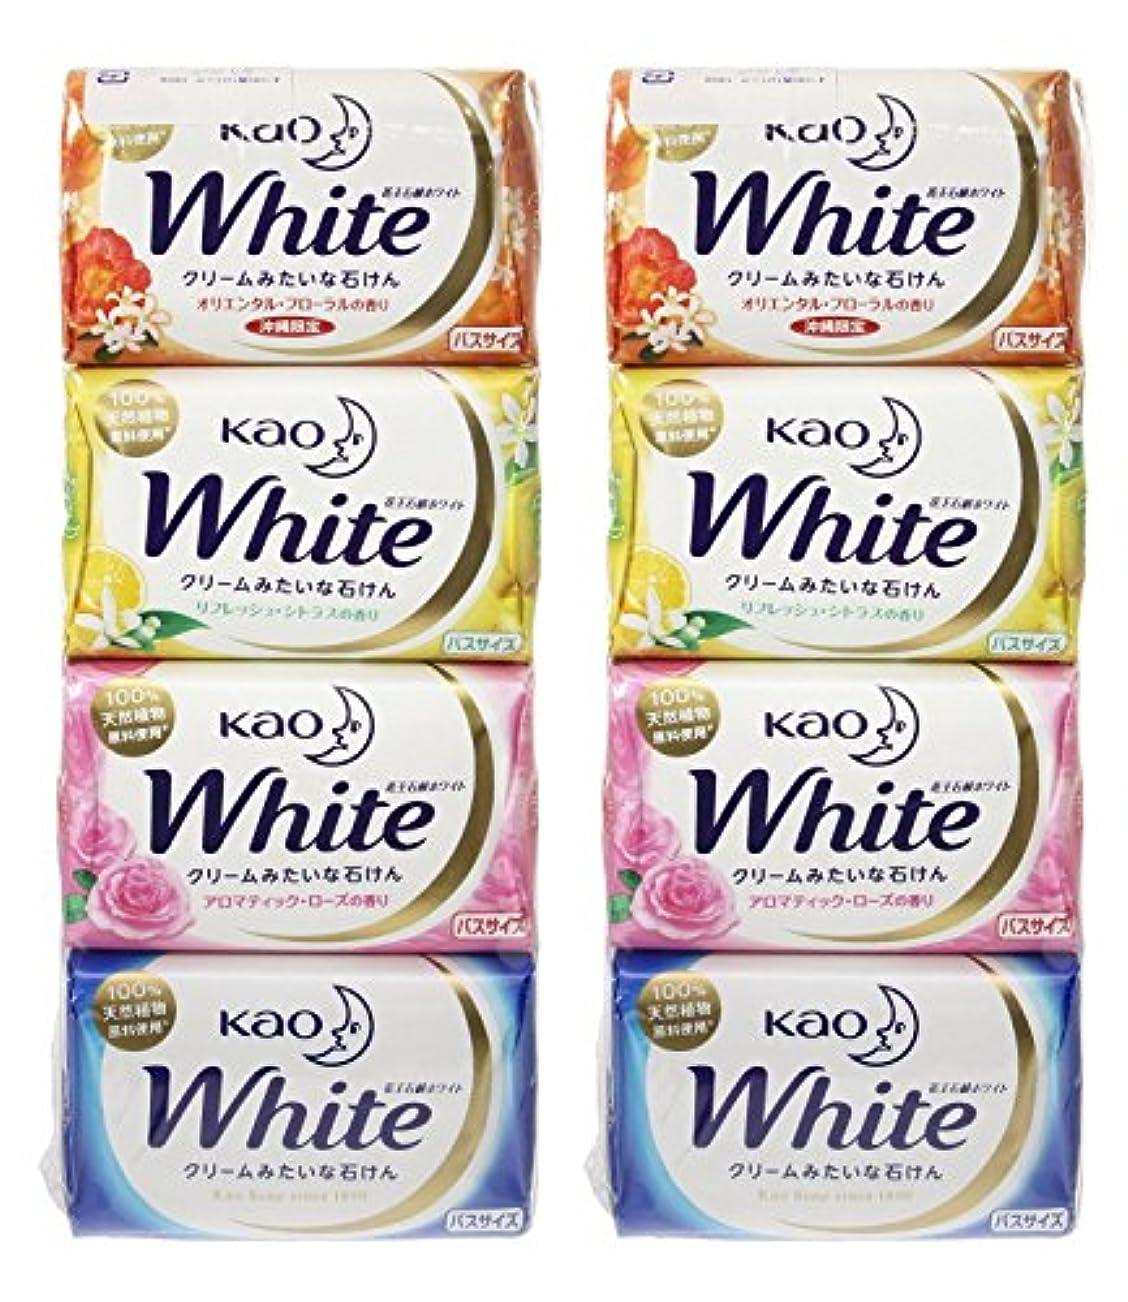 ページ送金ブランチ花王ホワイト 香りアソートパック バス12個×2